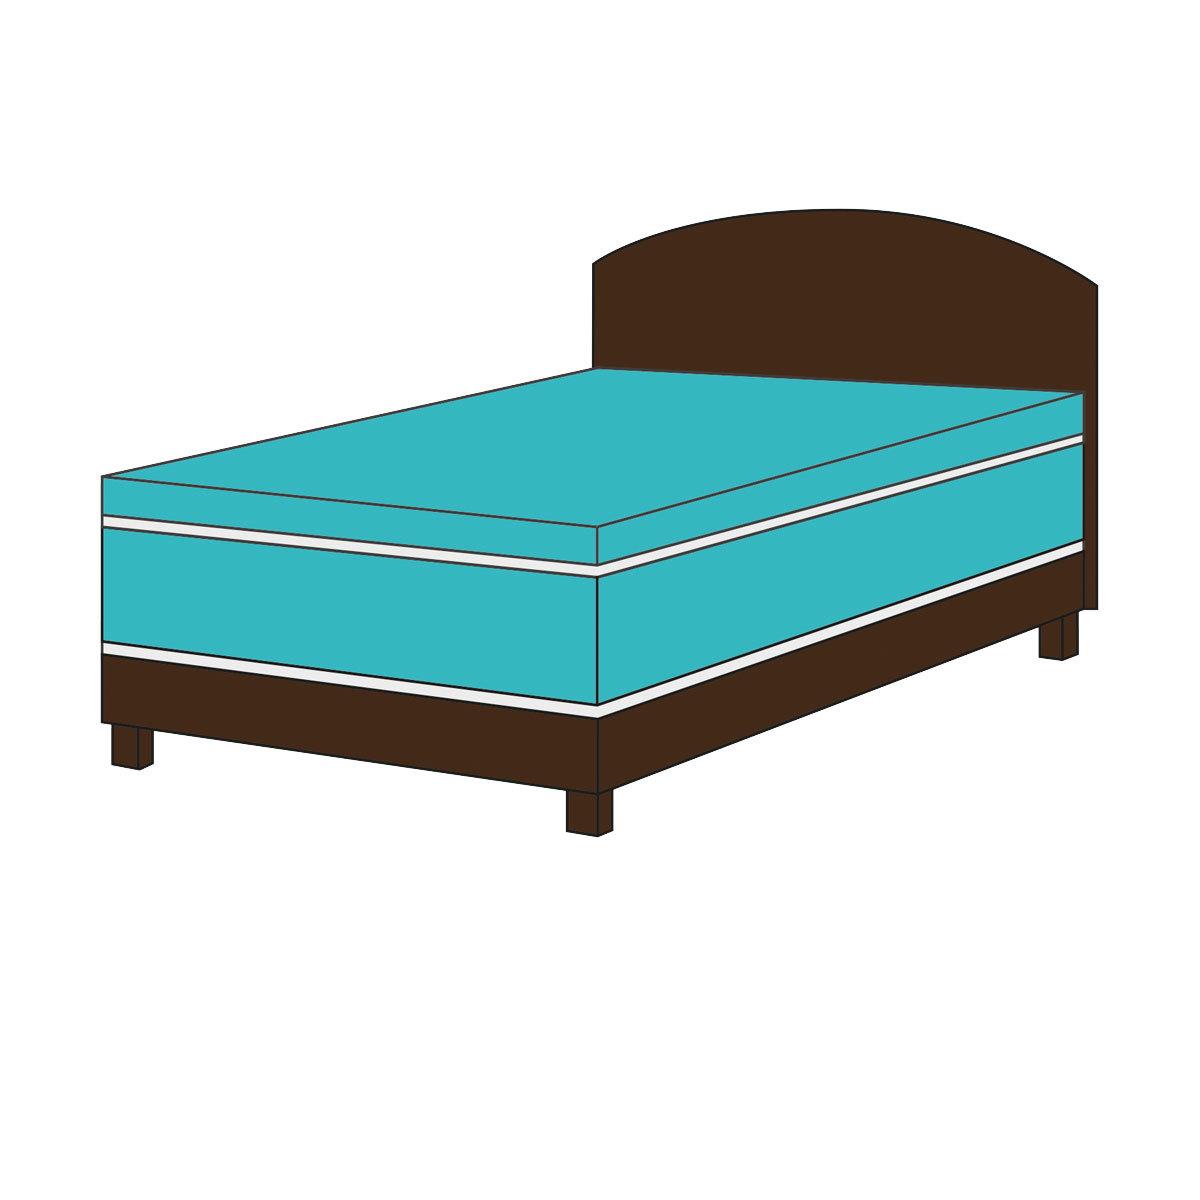 schlafgut boxspring spannbetttuch f r obermatratzen g nstig online kaufen bei bettwaren shop. Black Bedroom Furniture Sets. Home Design Ideas